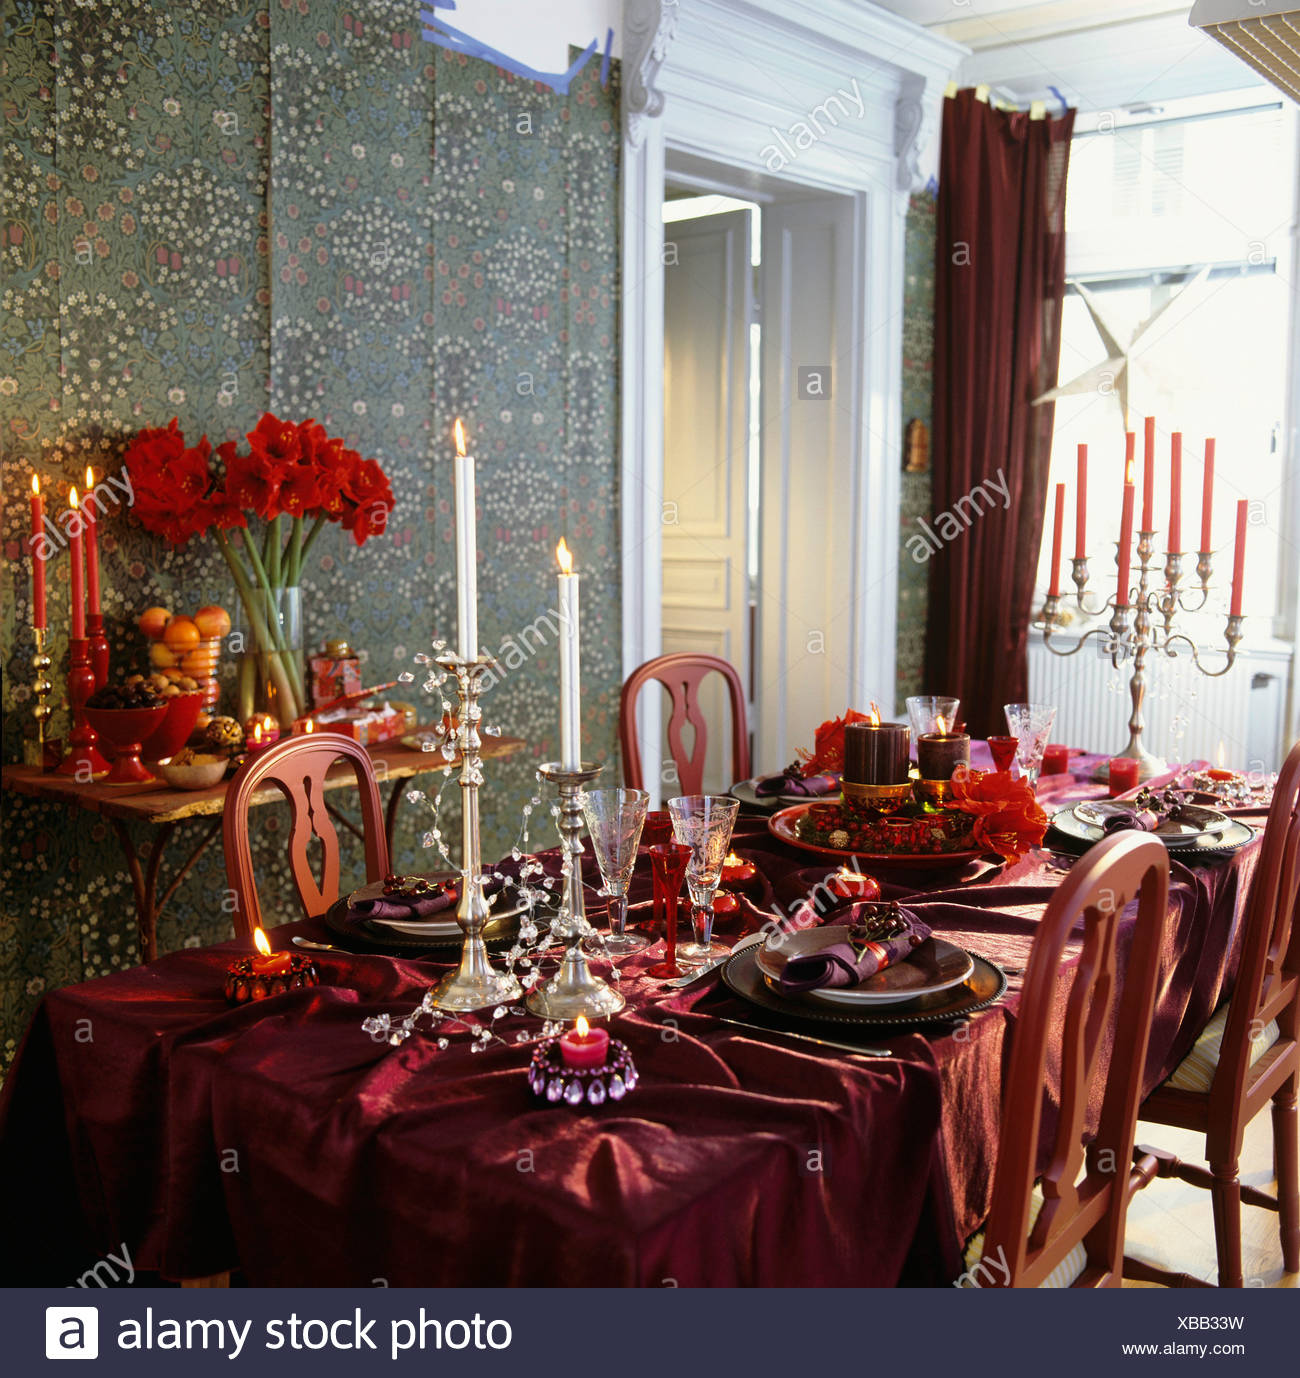 Tisch Mit Kerzen Und Blumen Für Besondere Anlässe Gelegt